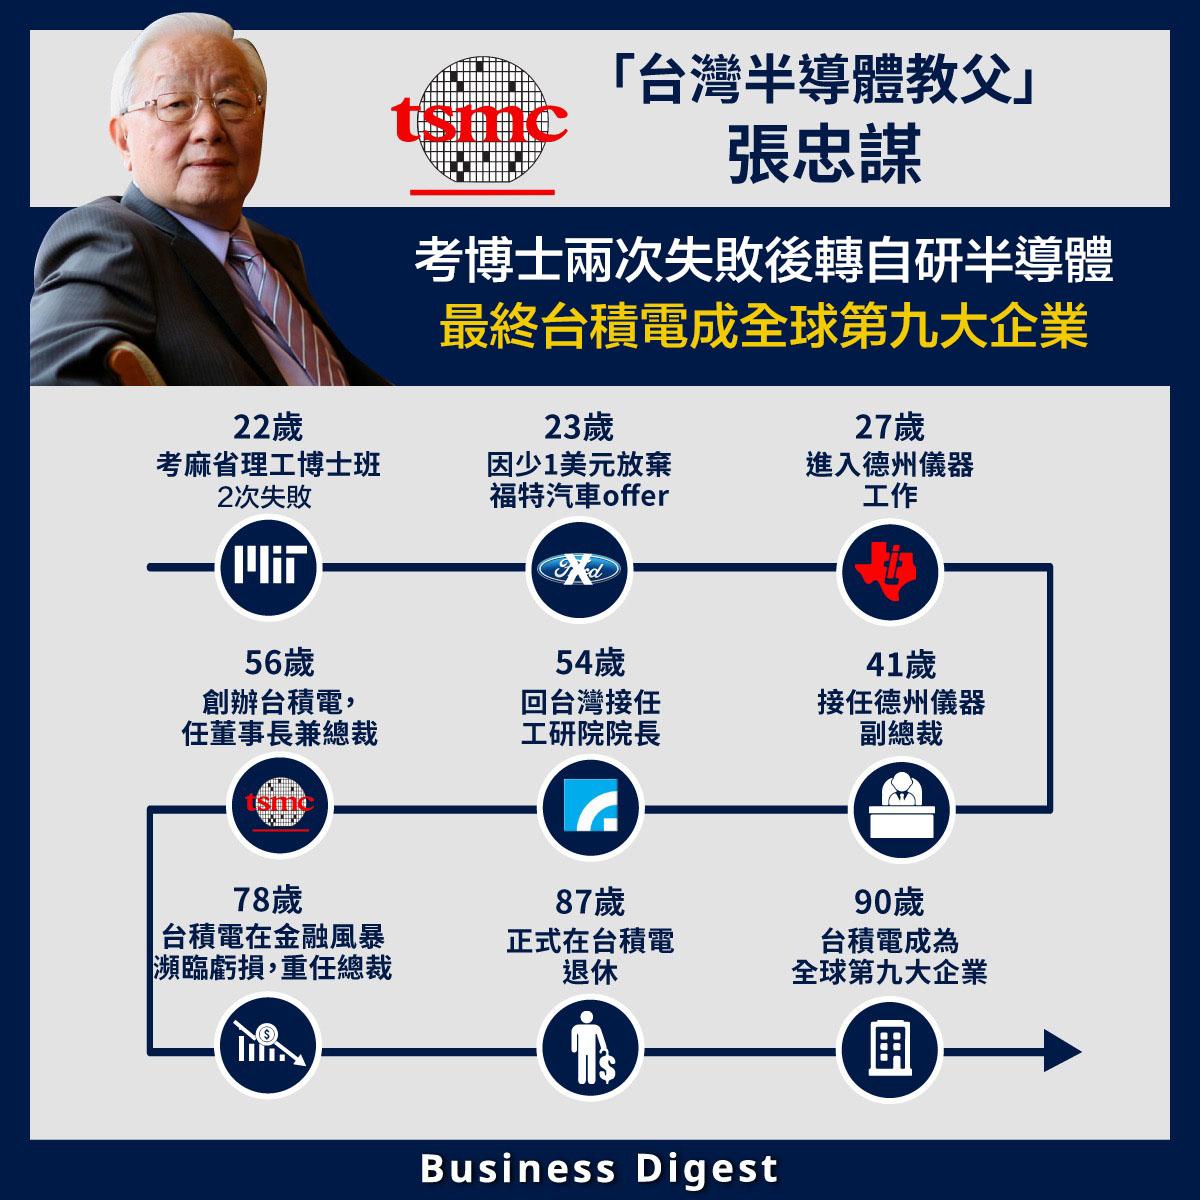 「台灣半導體教父」張忠謀:考博士兩次失敗後轉自研半導體